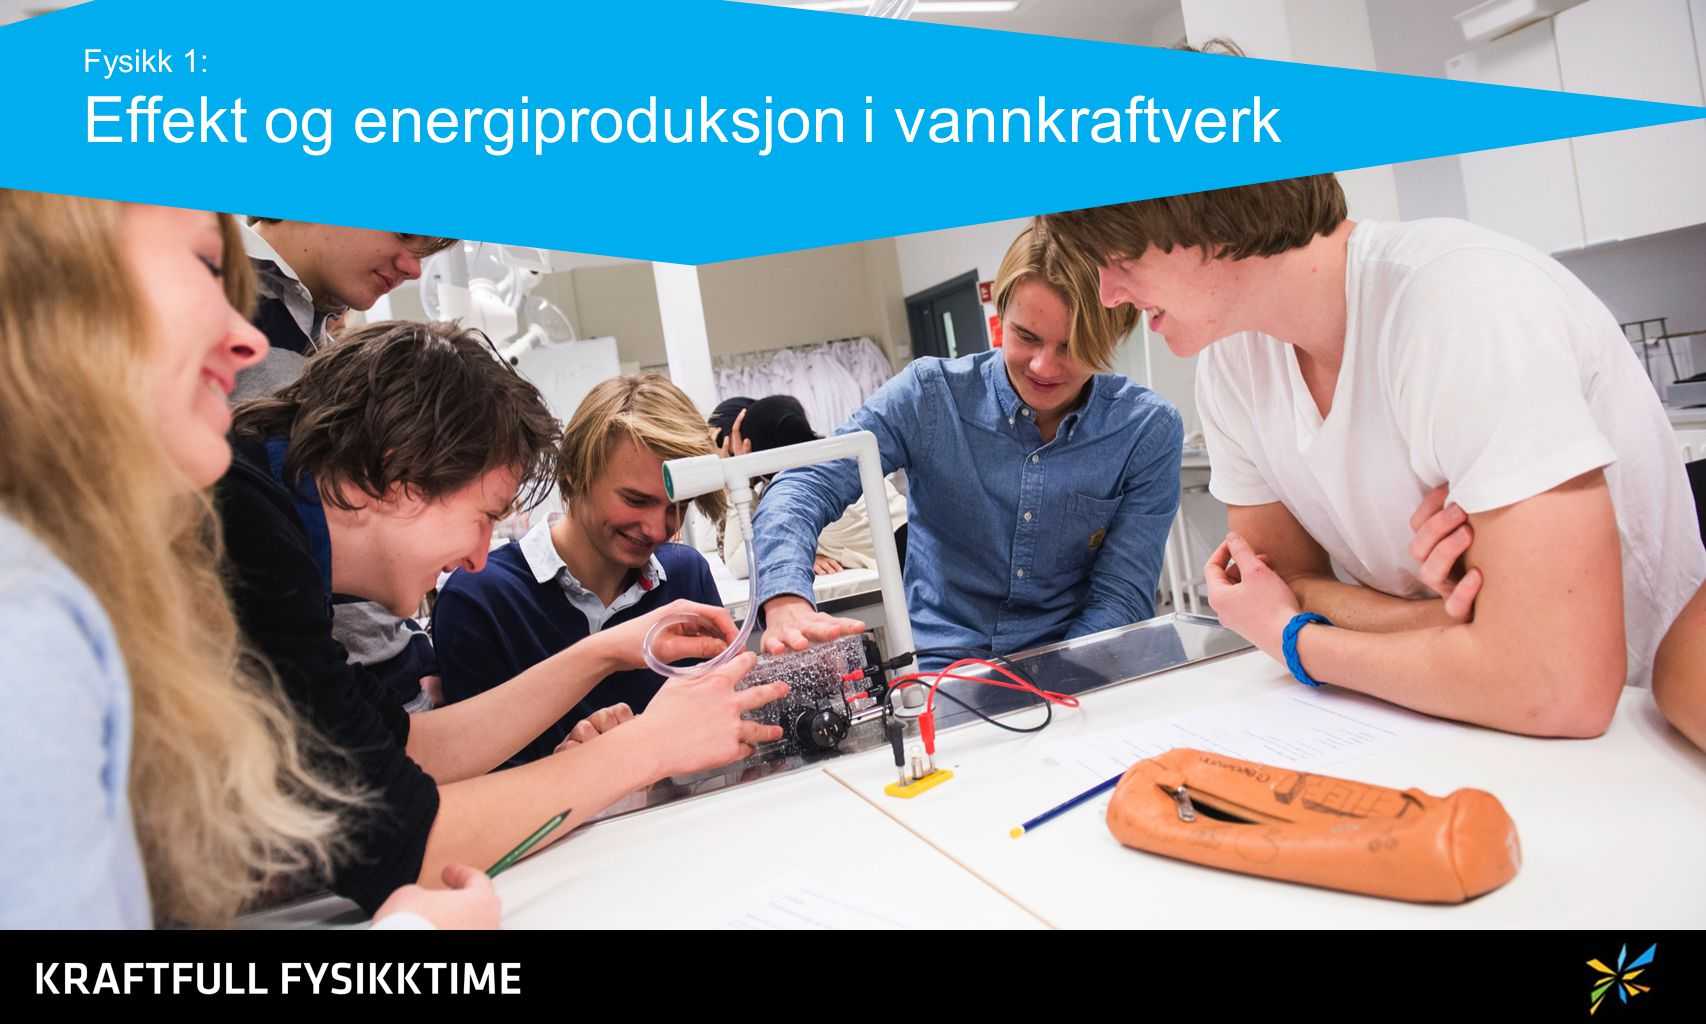 Fysikk 1: Effekt og energiproduksjon i vannkraftverk